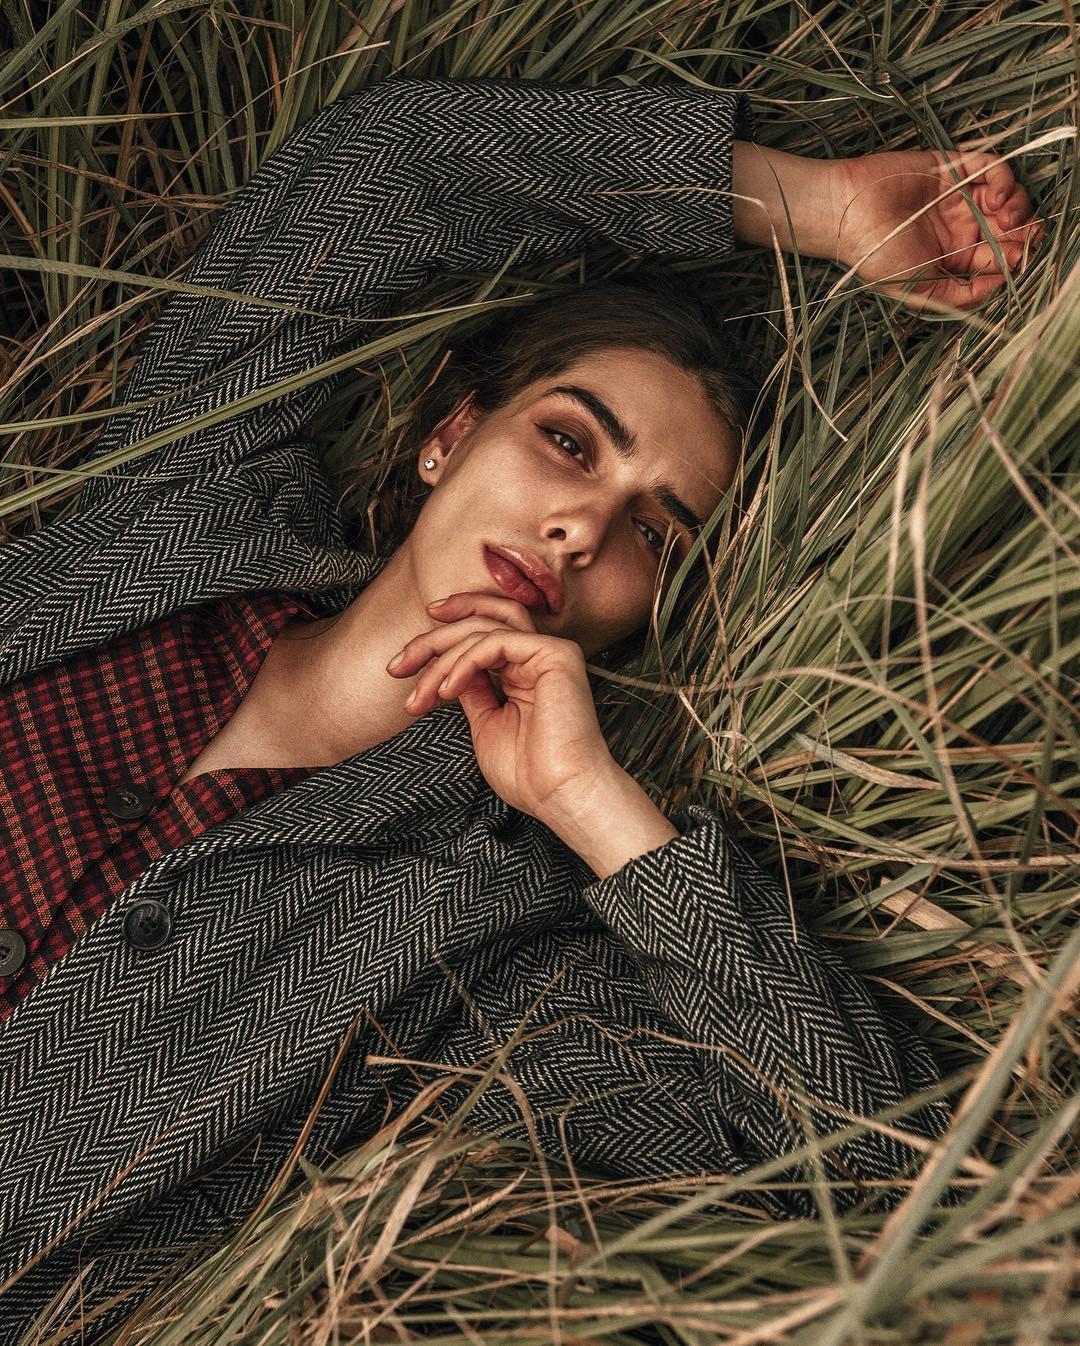 Как низкой девушке стать моделью? РОСТ НЕ ВАЖЕН!